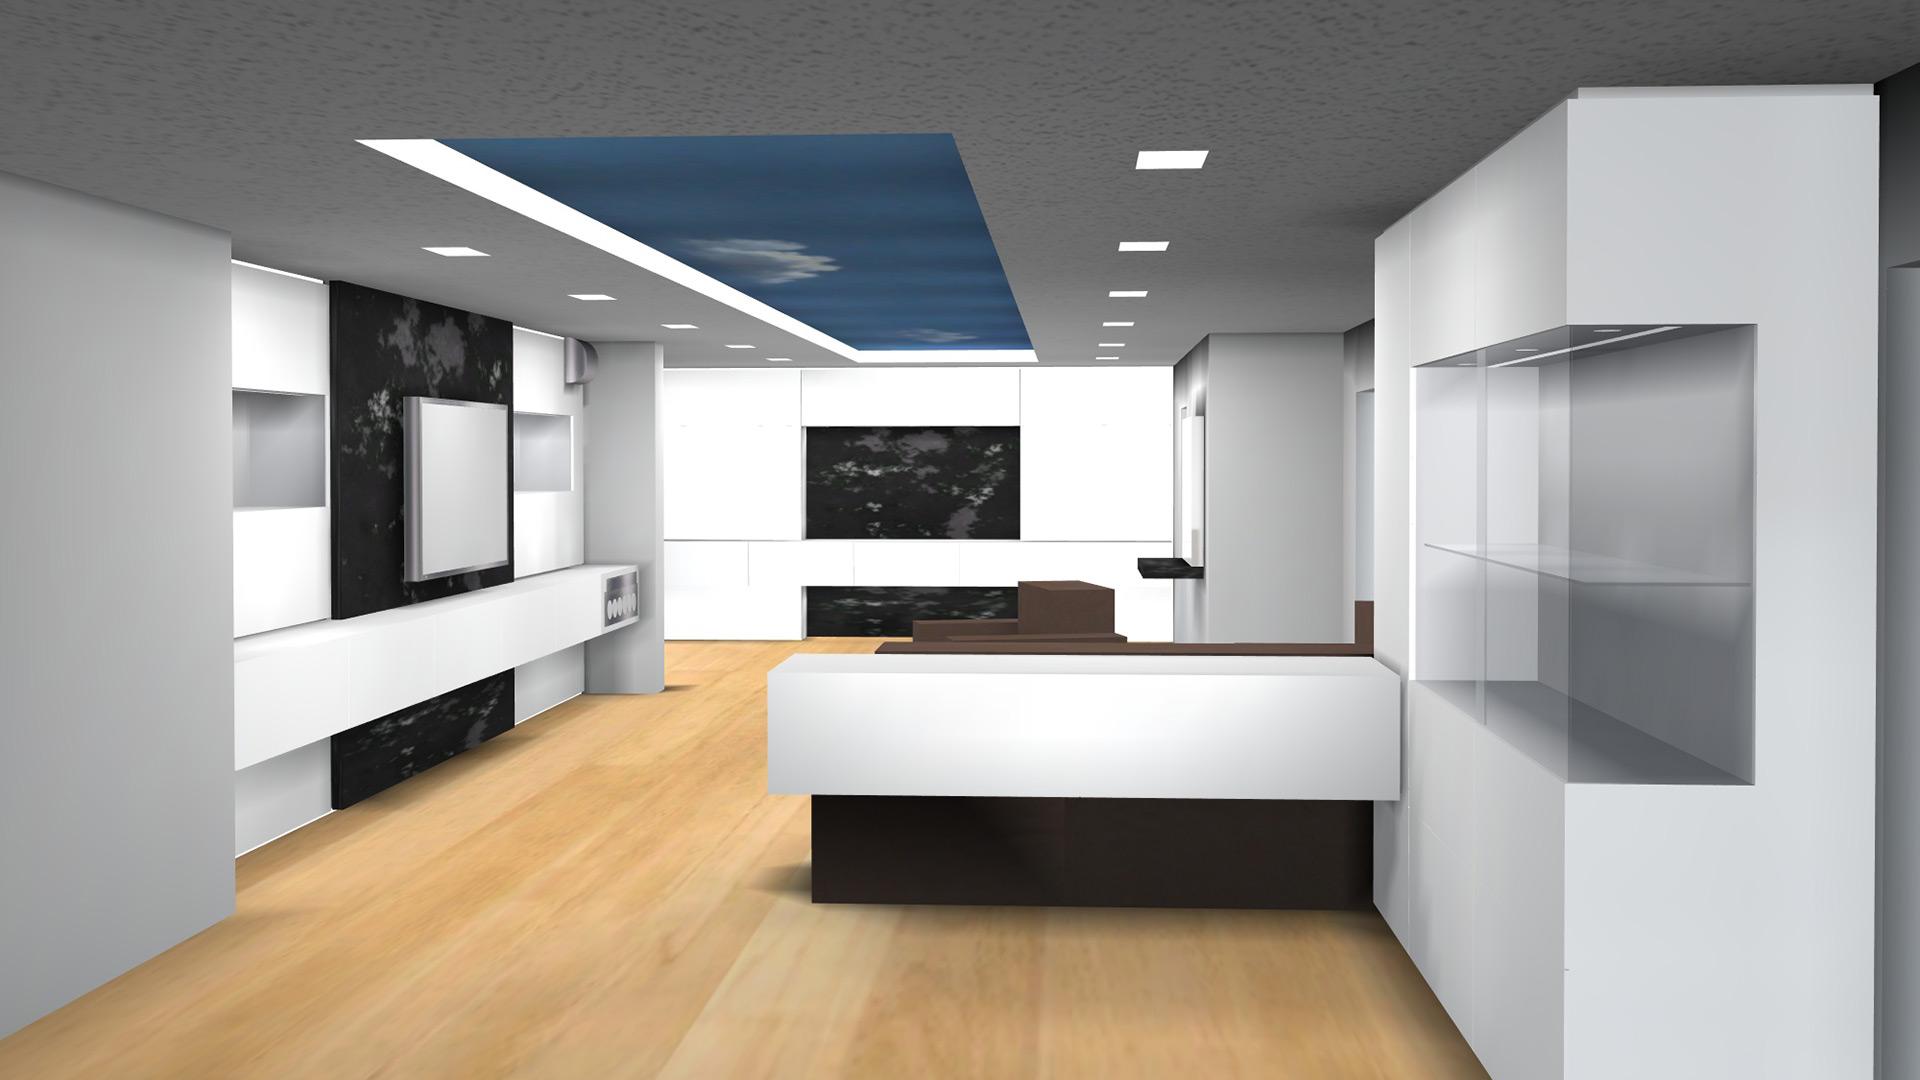 3D-Simulationen veranschaulichen die geplanten Ausbaumaßnahmen schon bevor ein Teil bestellt wurde und lassen flexible Modifikationen zu